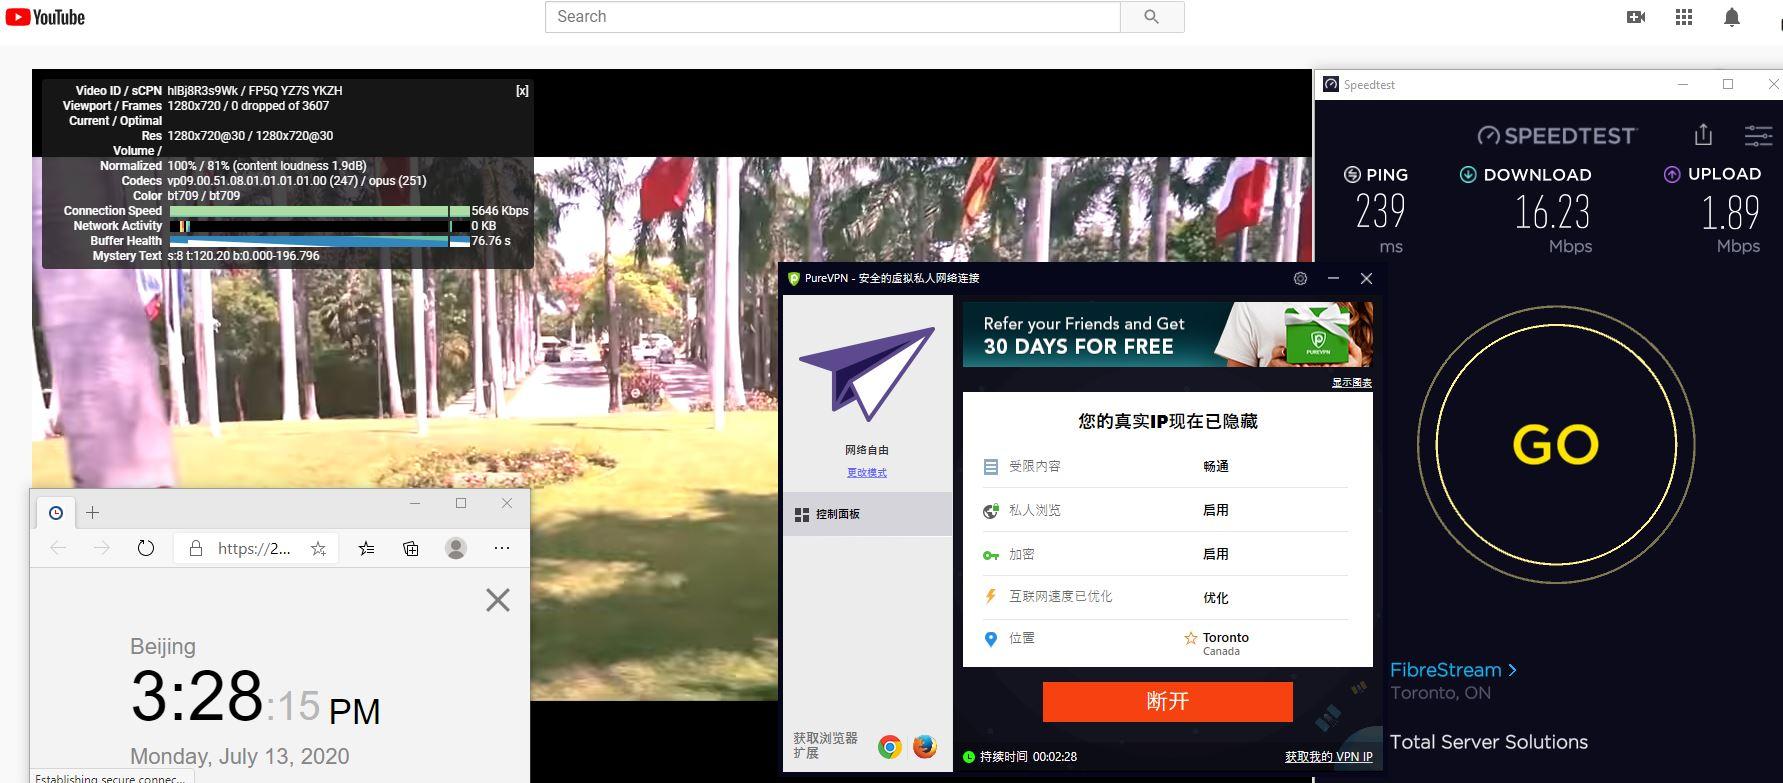 Windows10 PureVPN Canada 中国VPN 翻墙 科学上网 测速-20200713